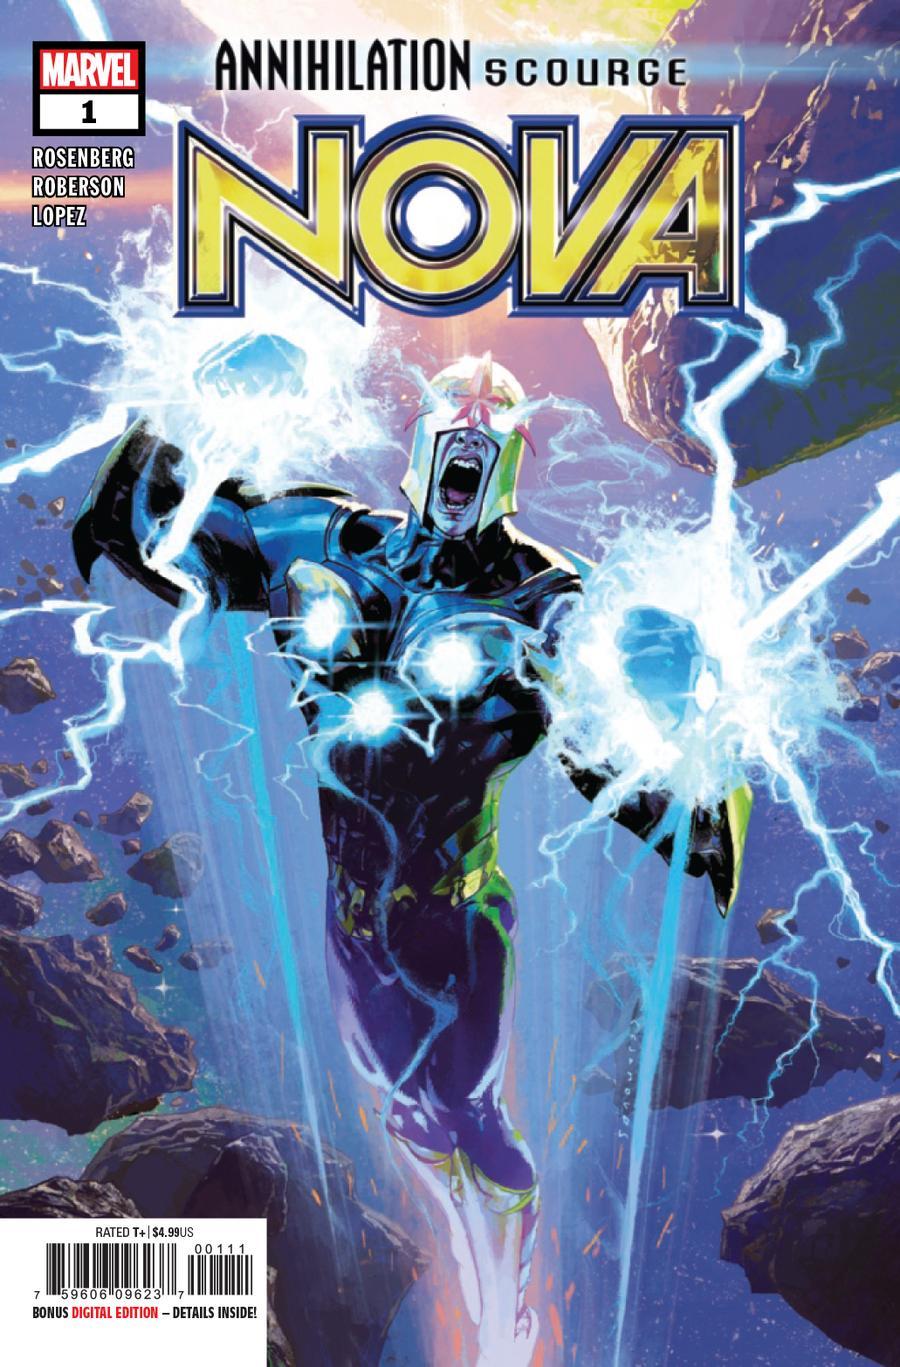 Annihilation Scourge Nova #1 Cover A Regular Josemaria Casanovas Cover